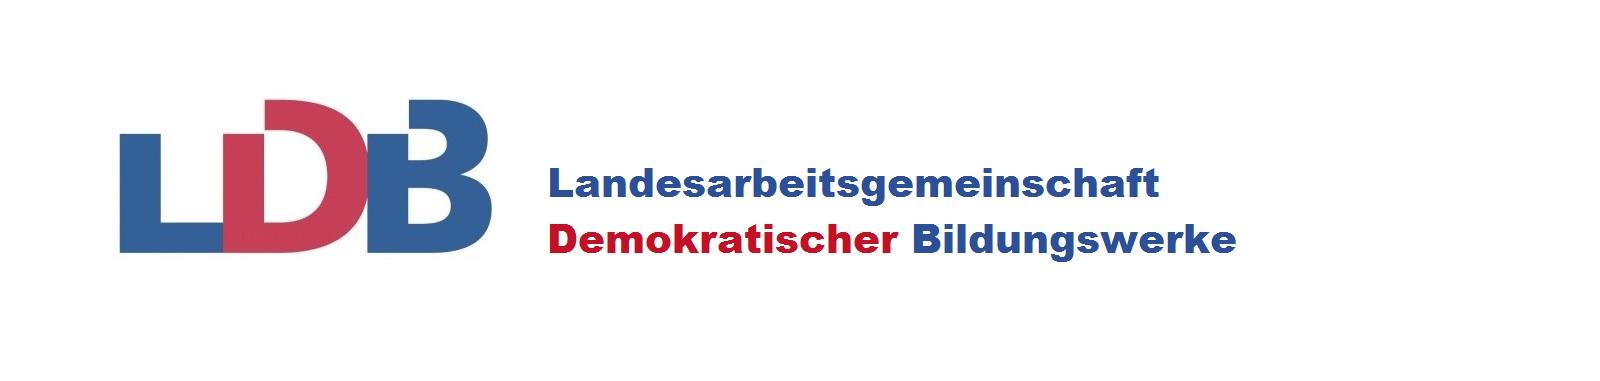 LDB-NRW